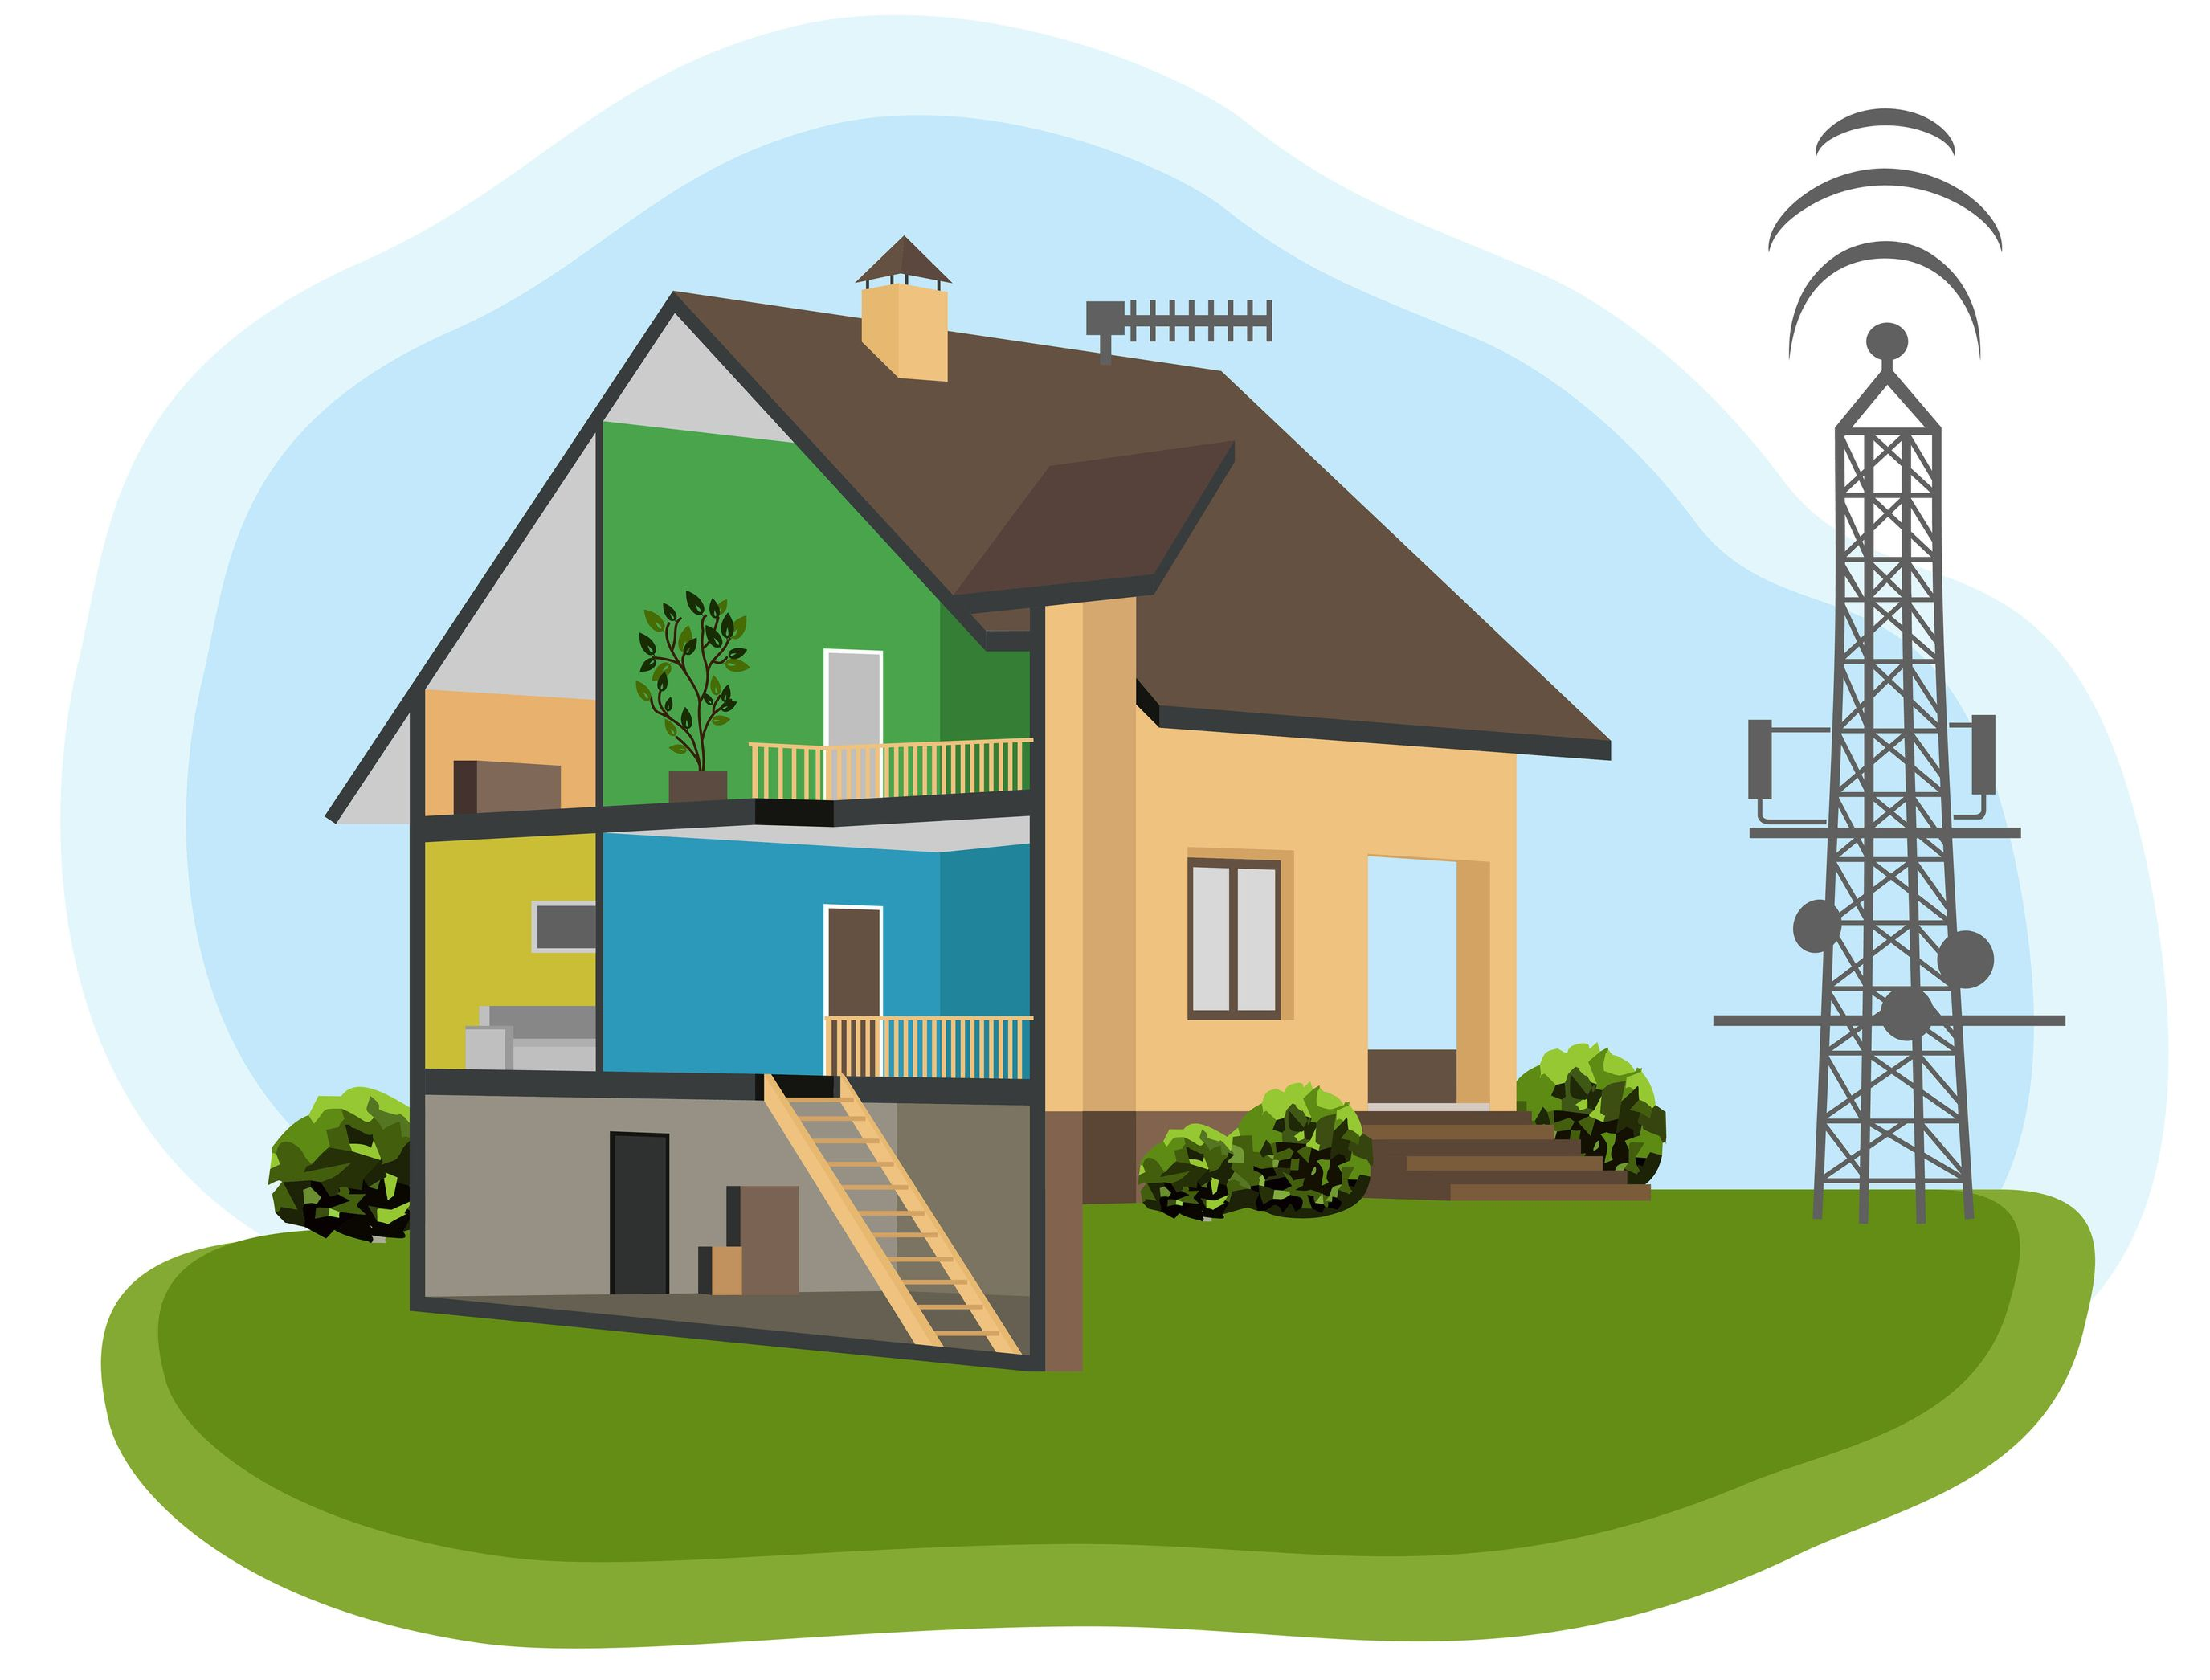 Как сделать интернет в деревне где нет 3g